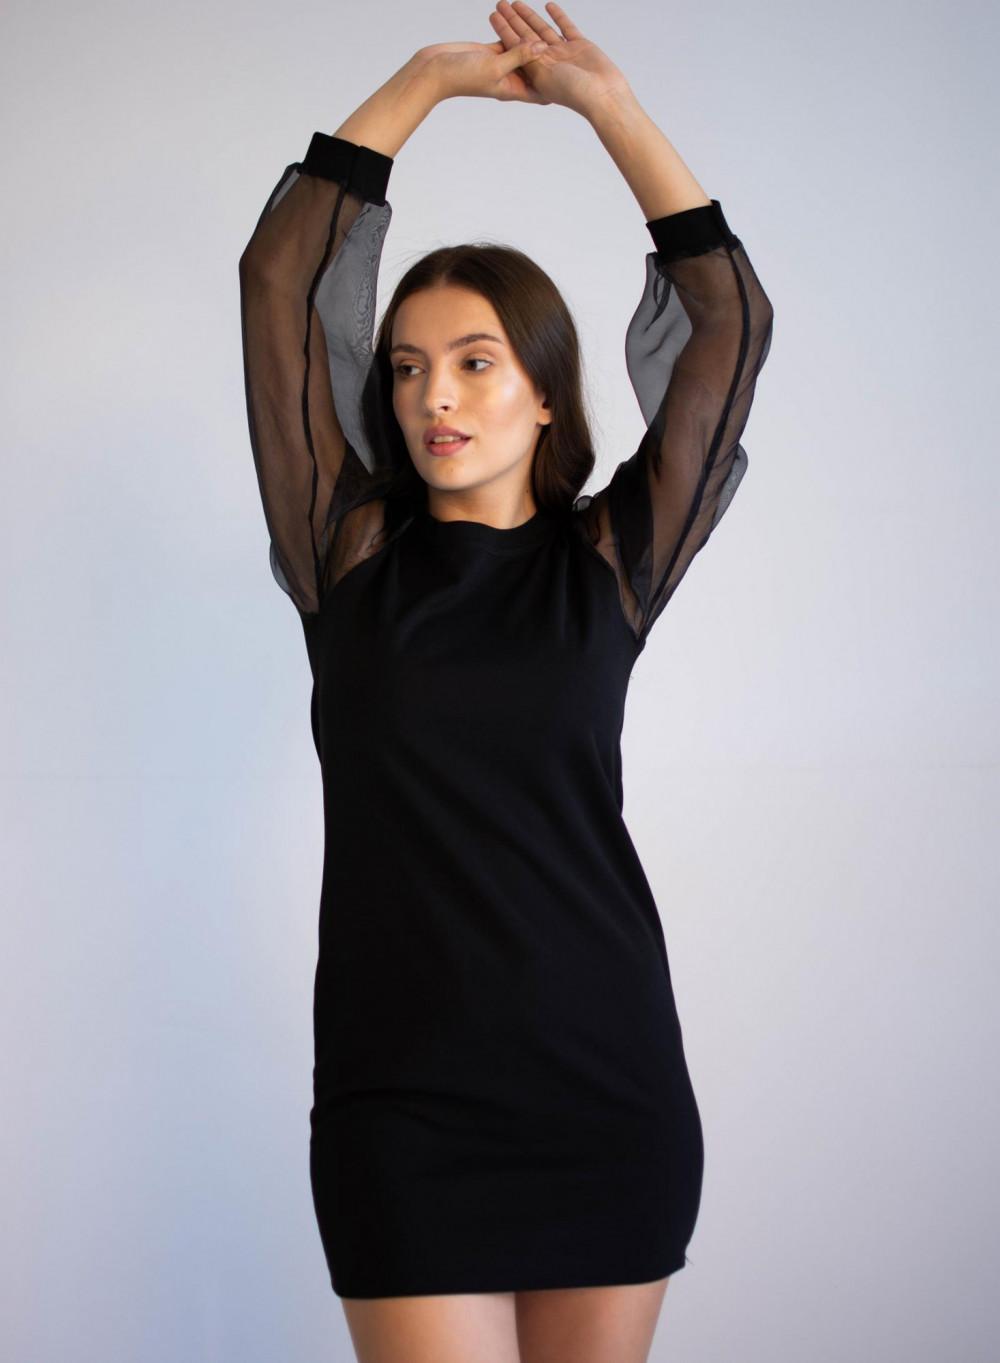 Czarna sukienka z półprzeźroczystymi rękawami Alice 4